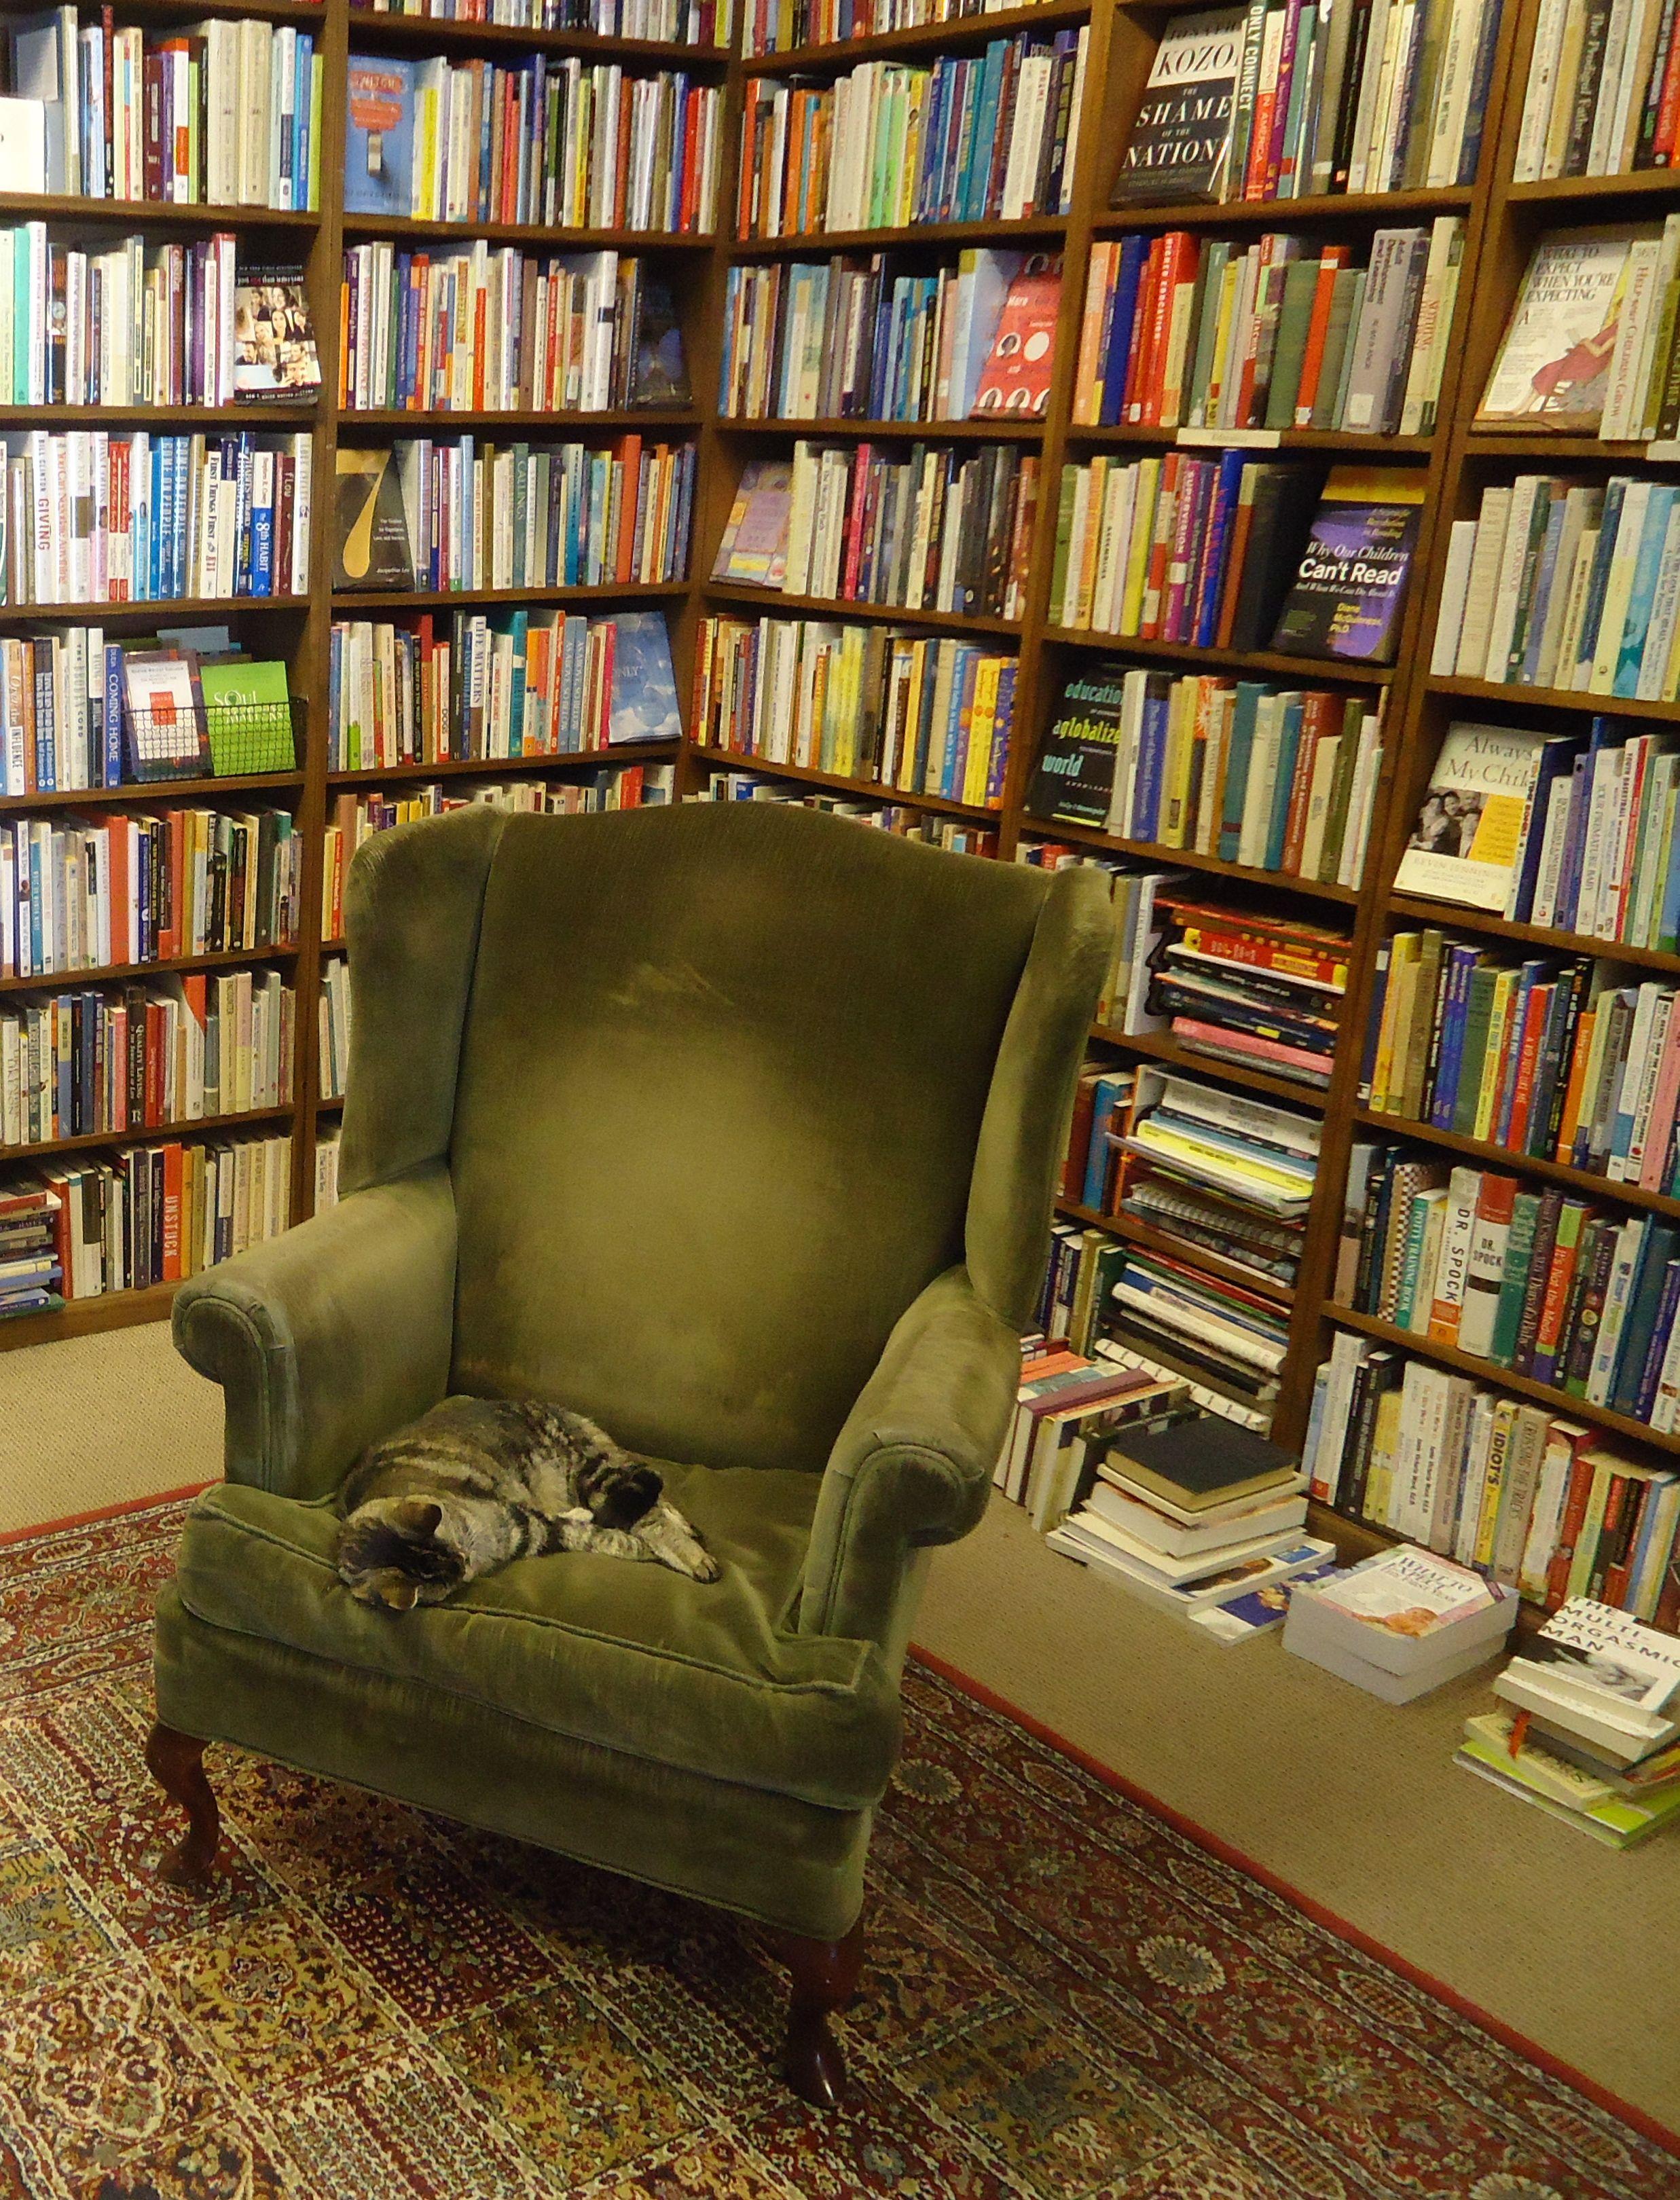 Alice In The Dusty Bookshelf Lawrence KansasBookshelvesAliceBookcasesBook